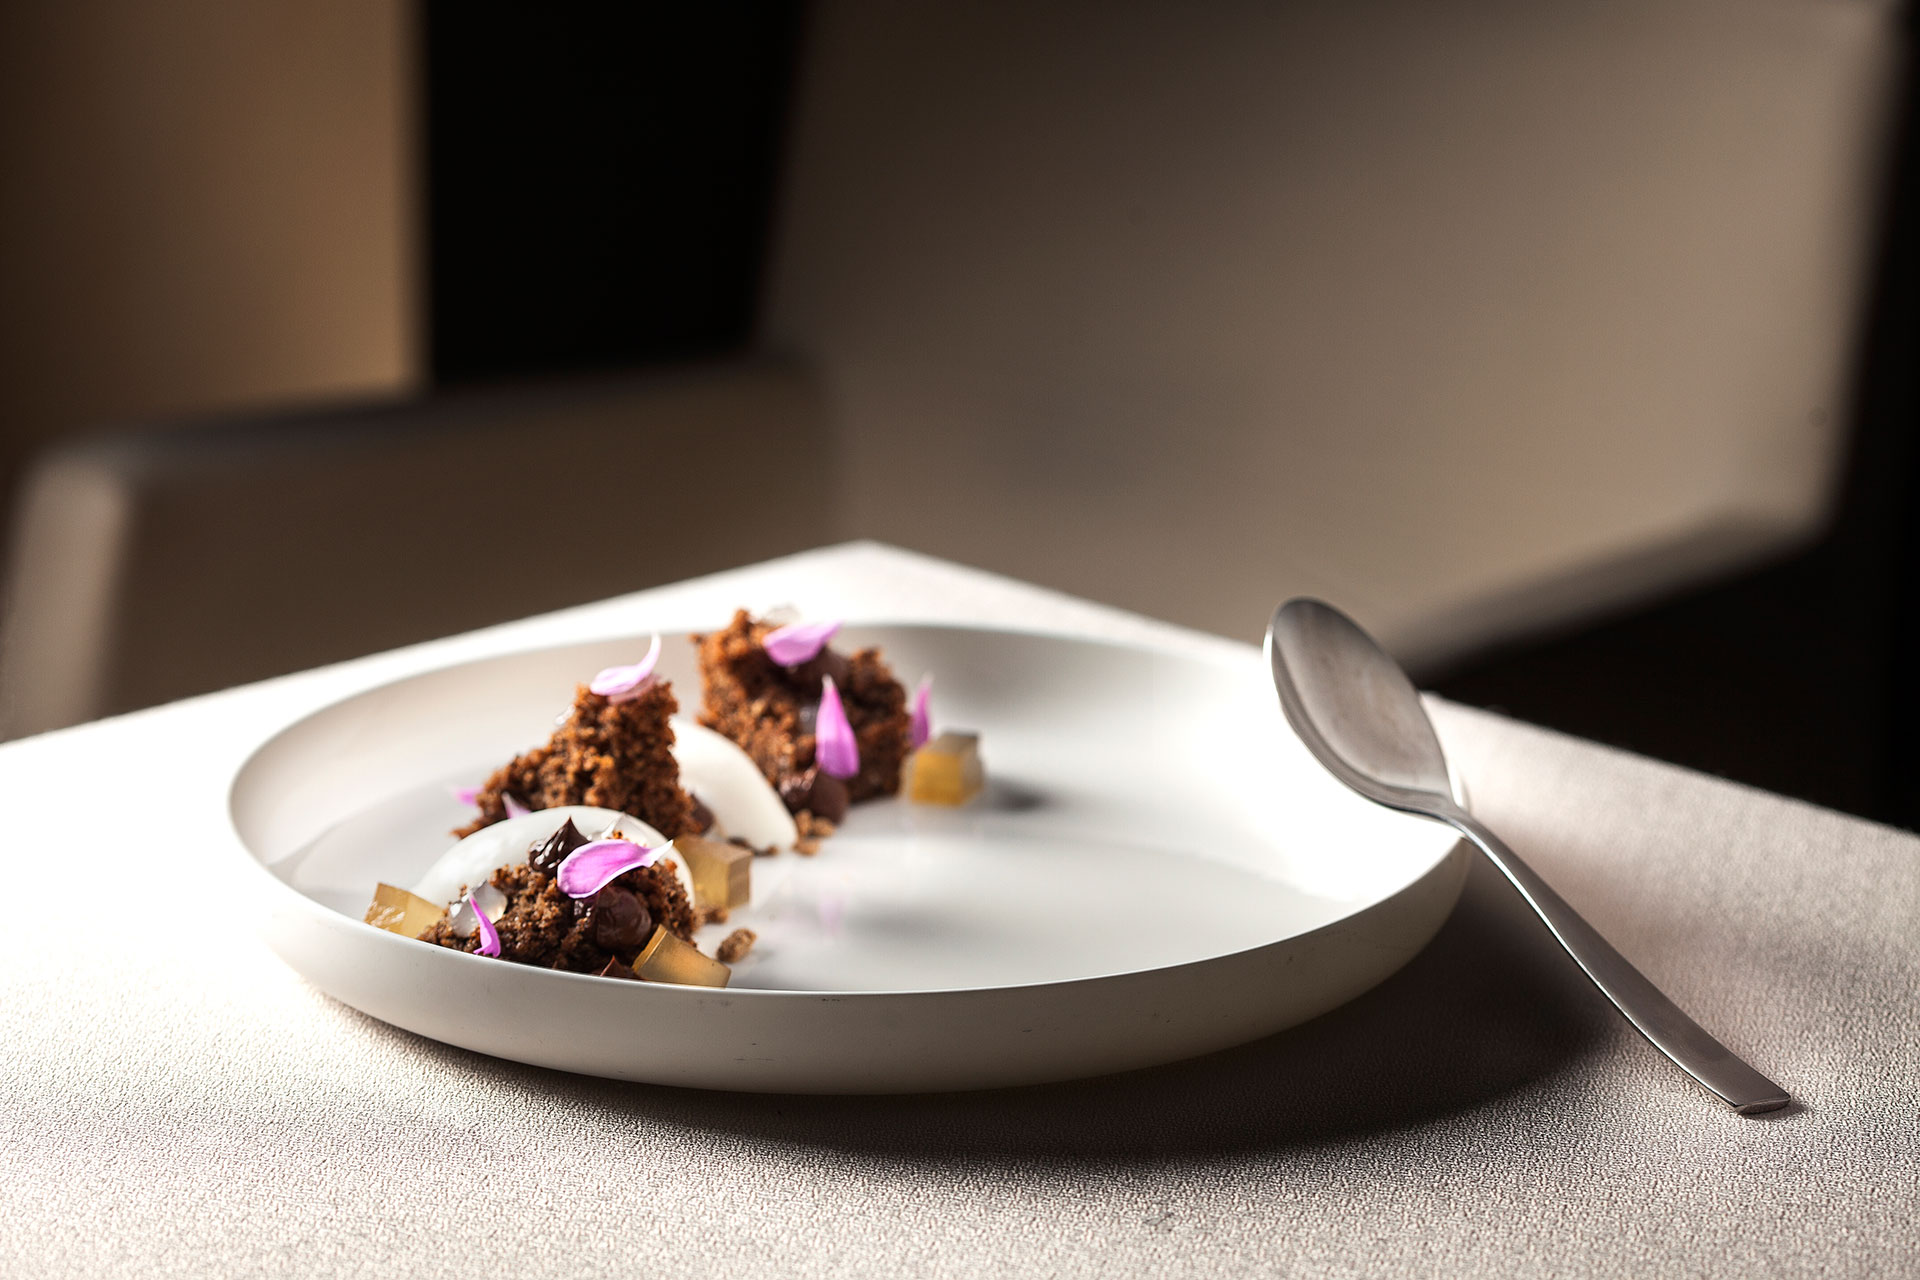 Εστιατόριο Botrini's Αθήνα - Εστιατόριο με 1 Αστέρι Michelin